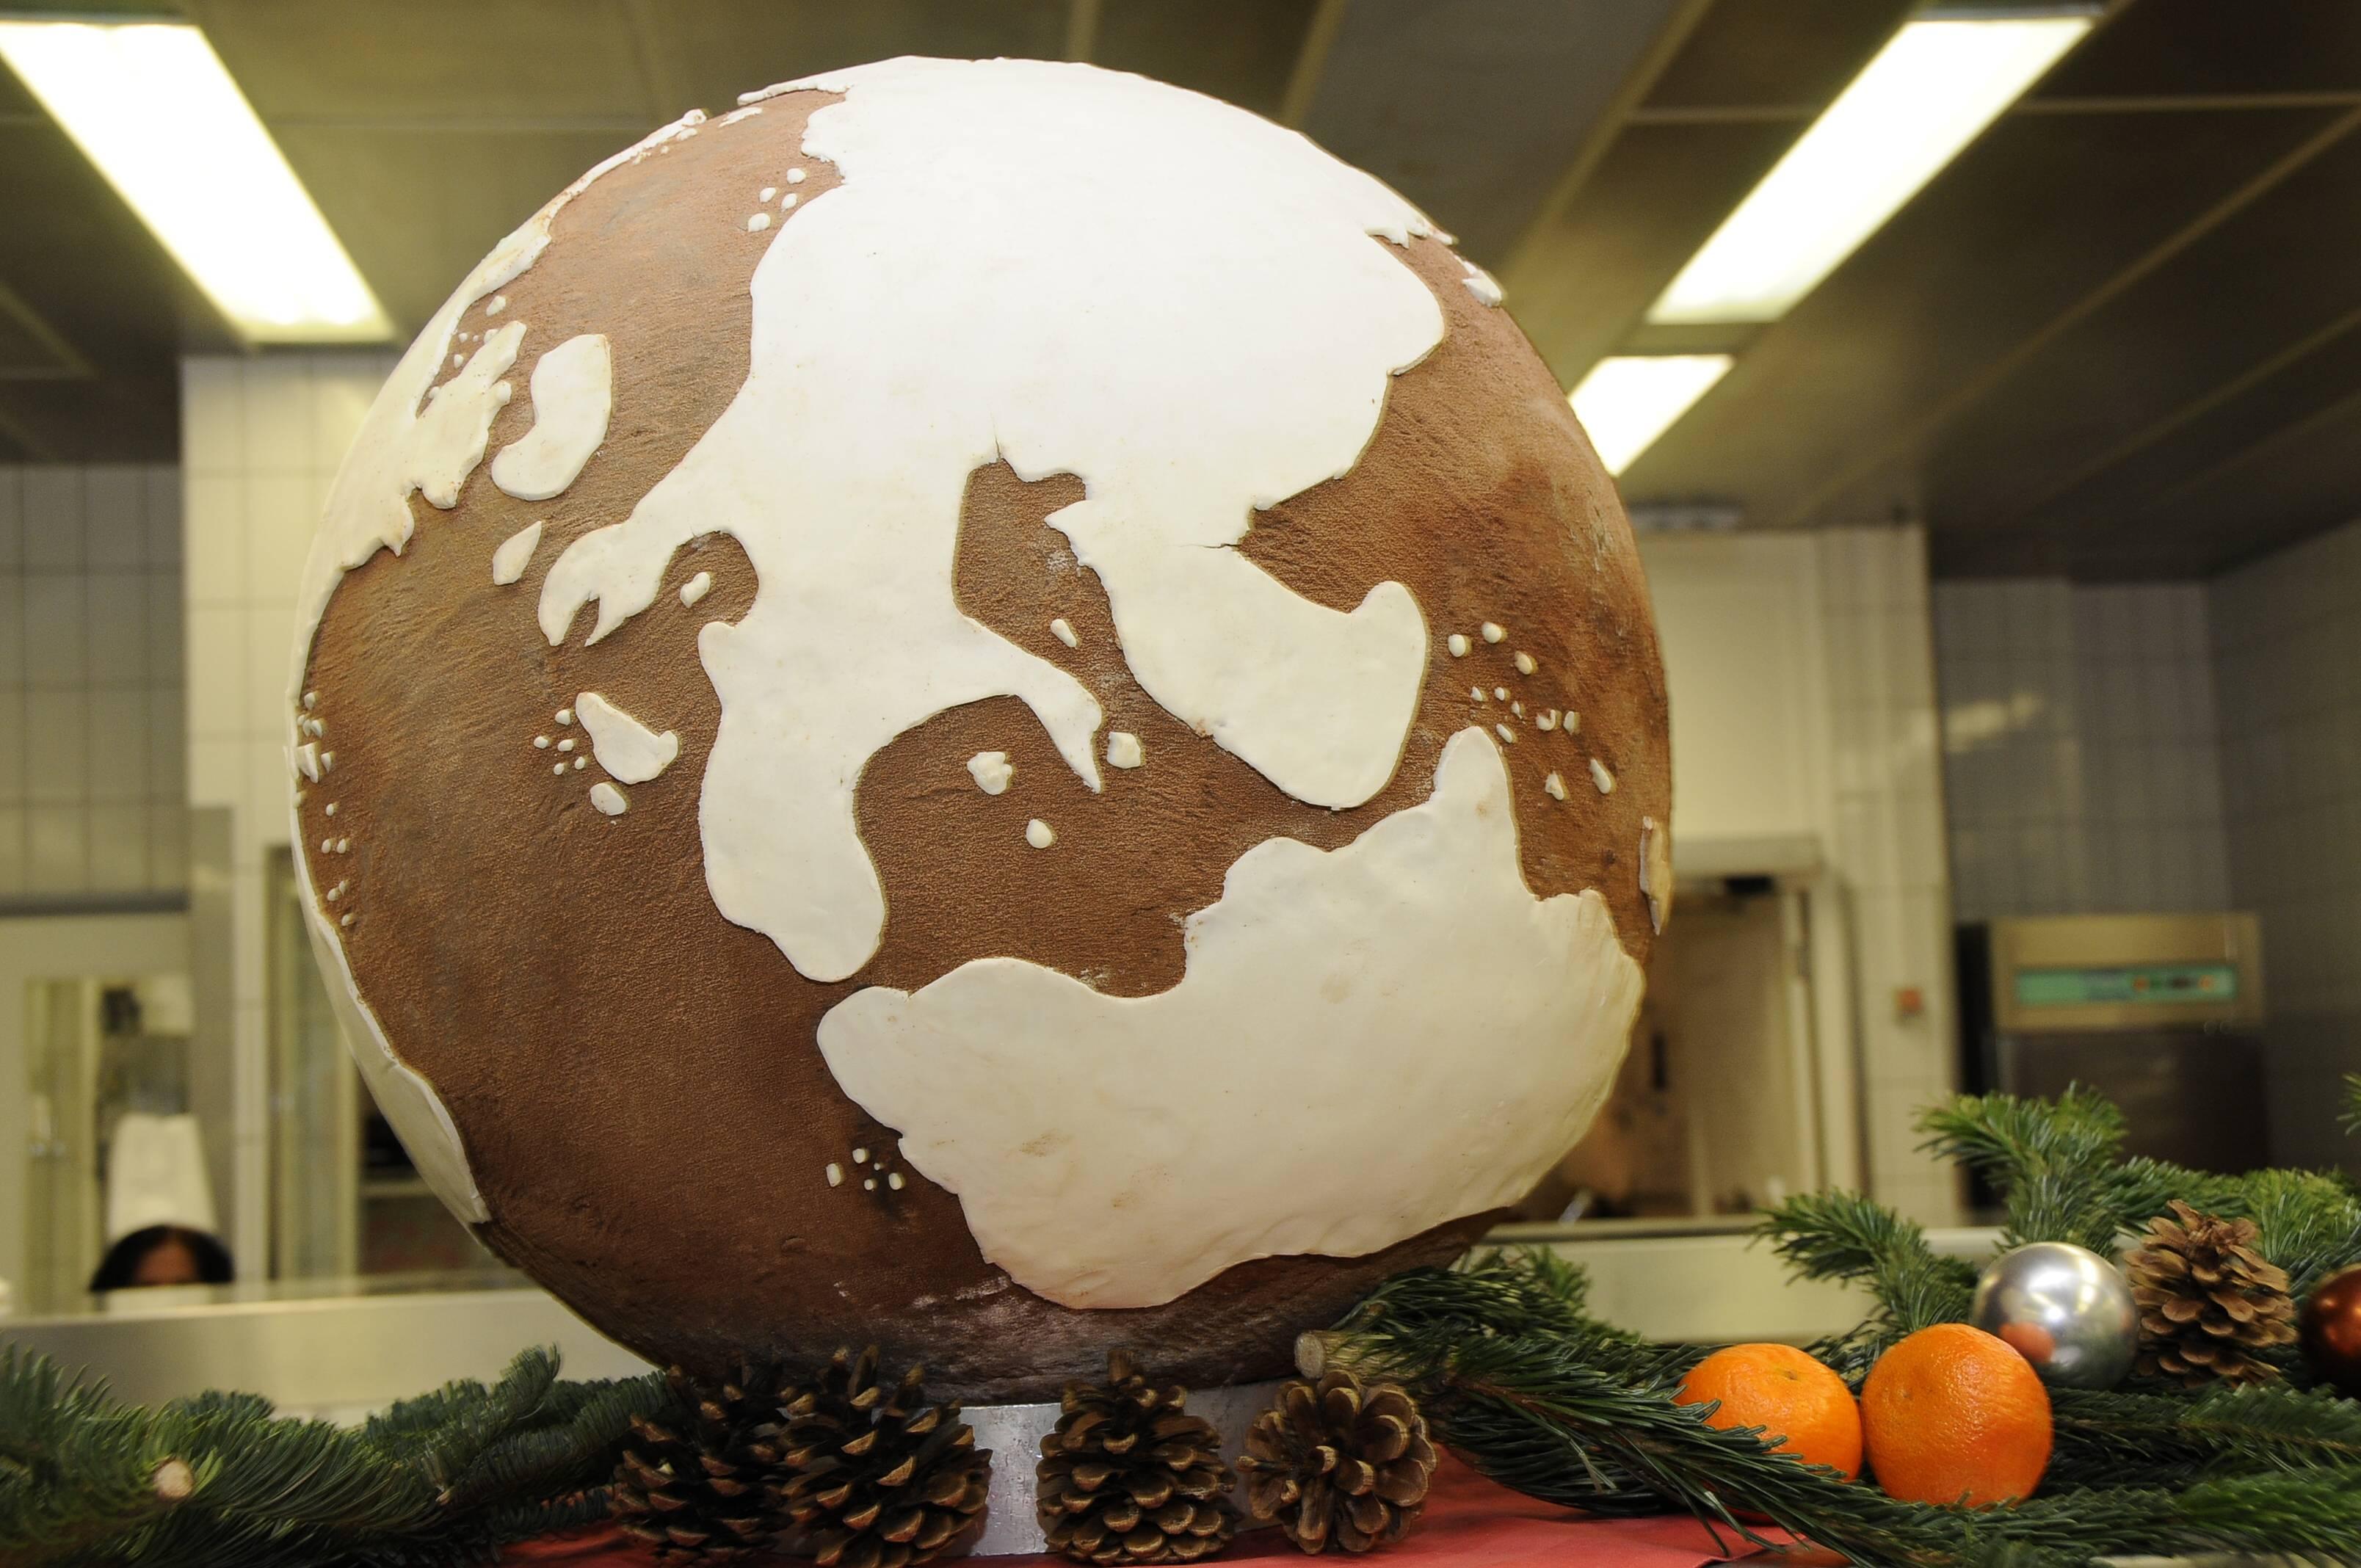 Wer ist Weltmeister im Schokolade-Essen?